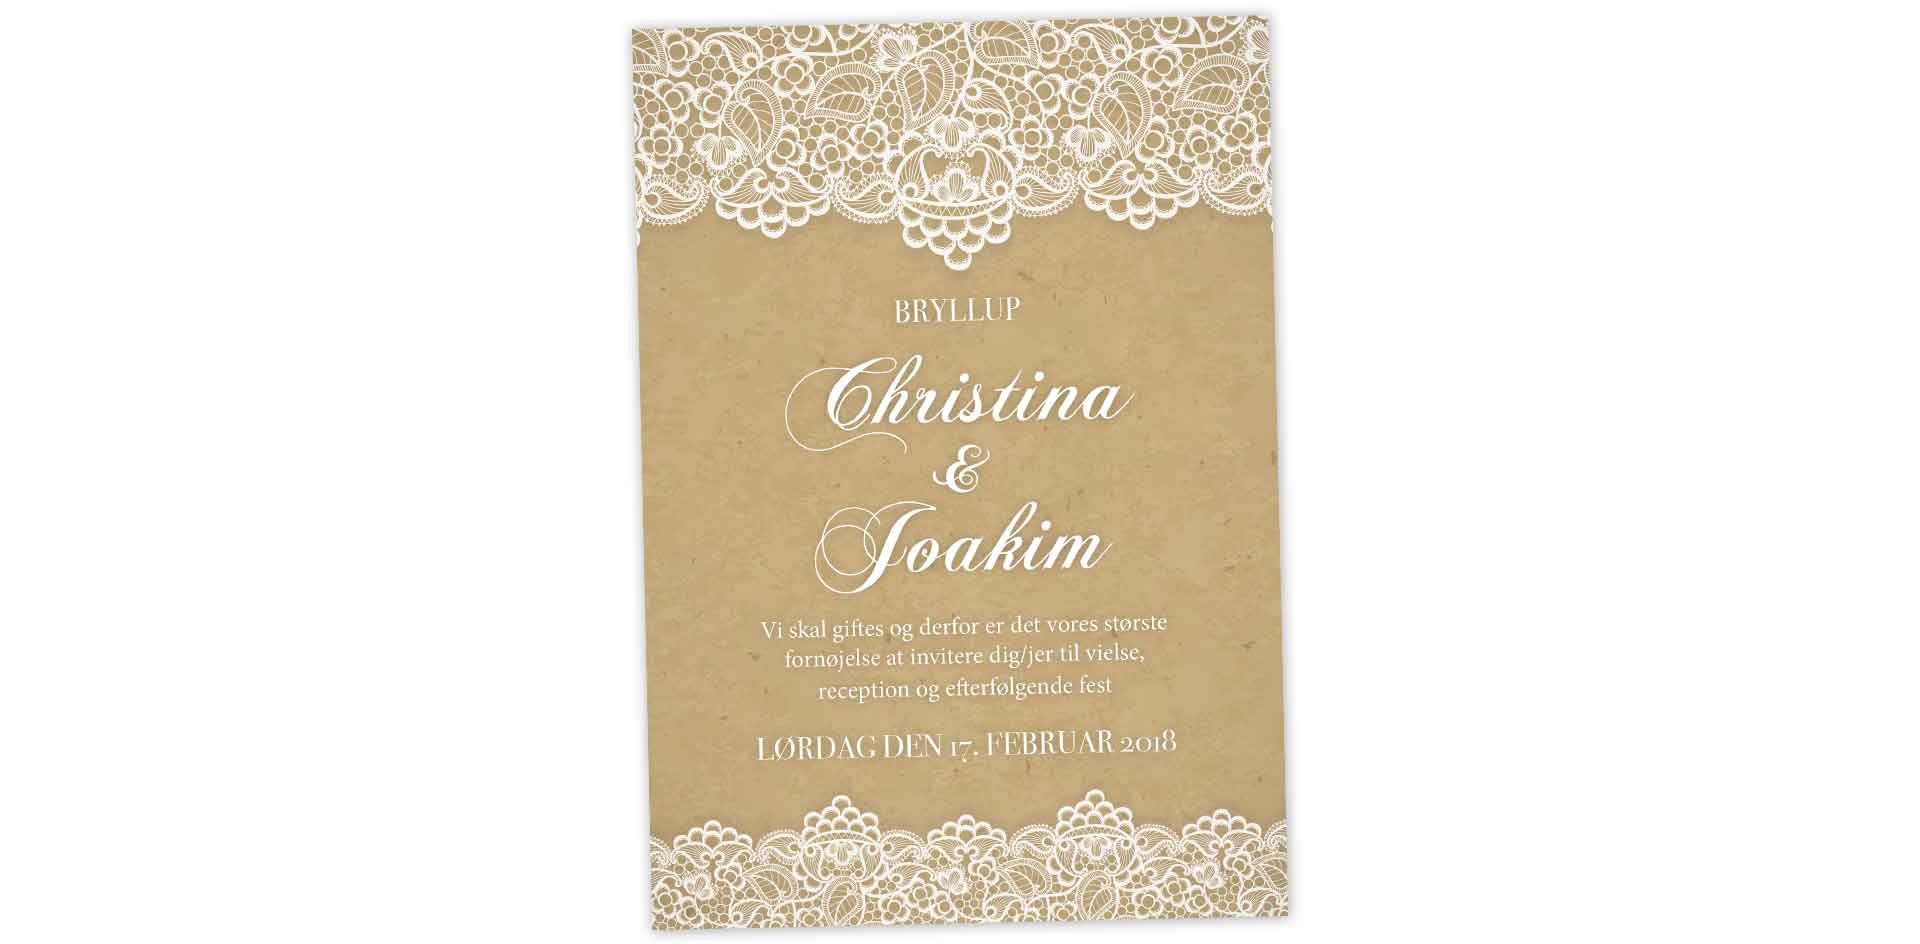 Christina og Joakim